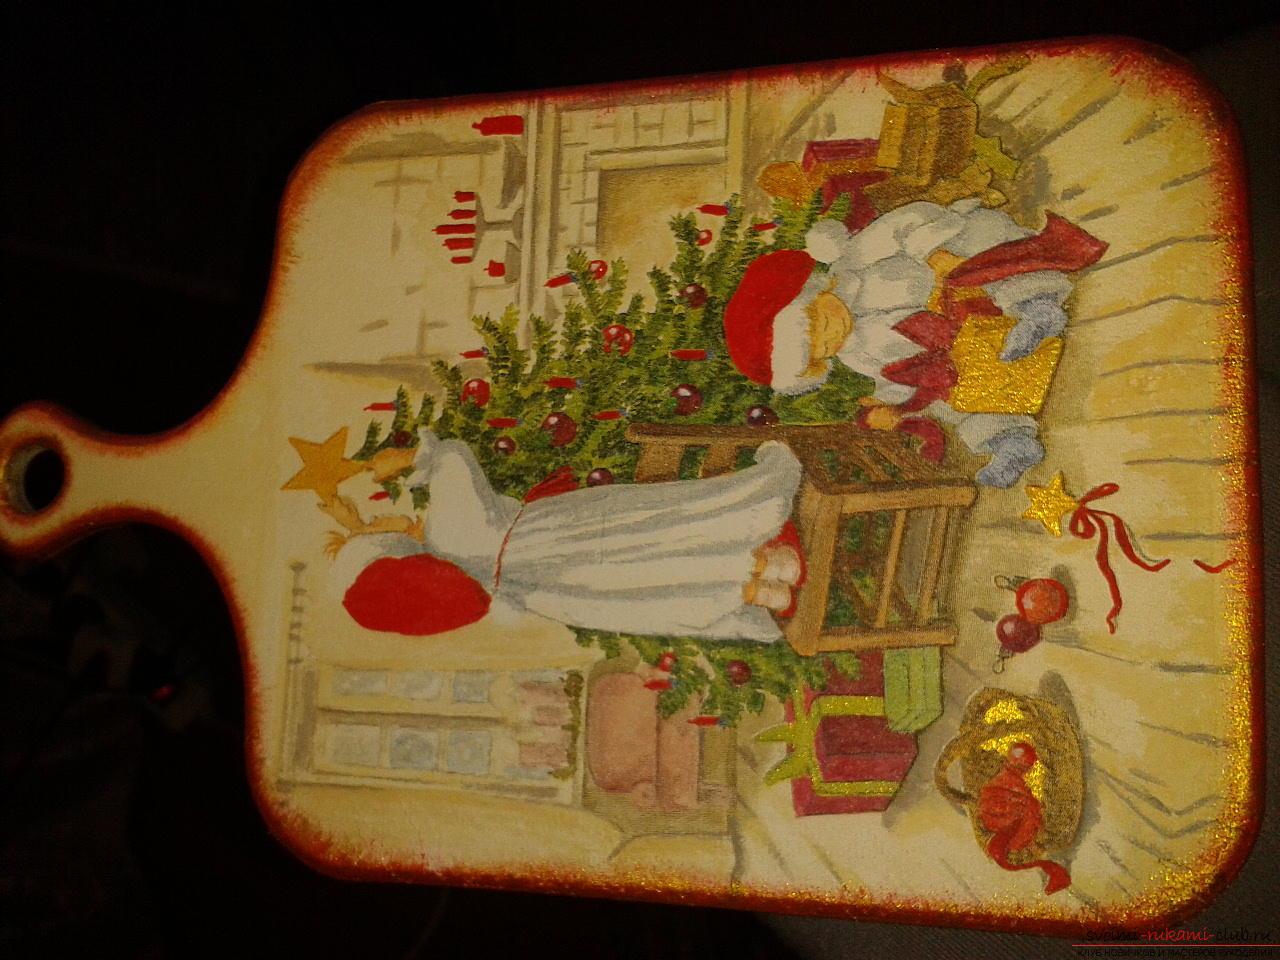 Фото к уроку по созданию новогоднего подарка - разделочной досочки в технике декупаж. Фото №5